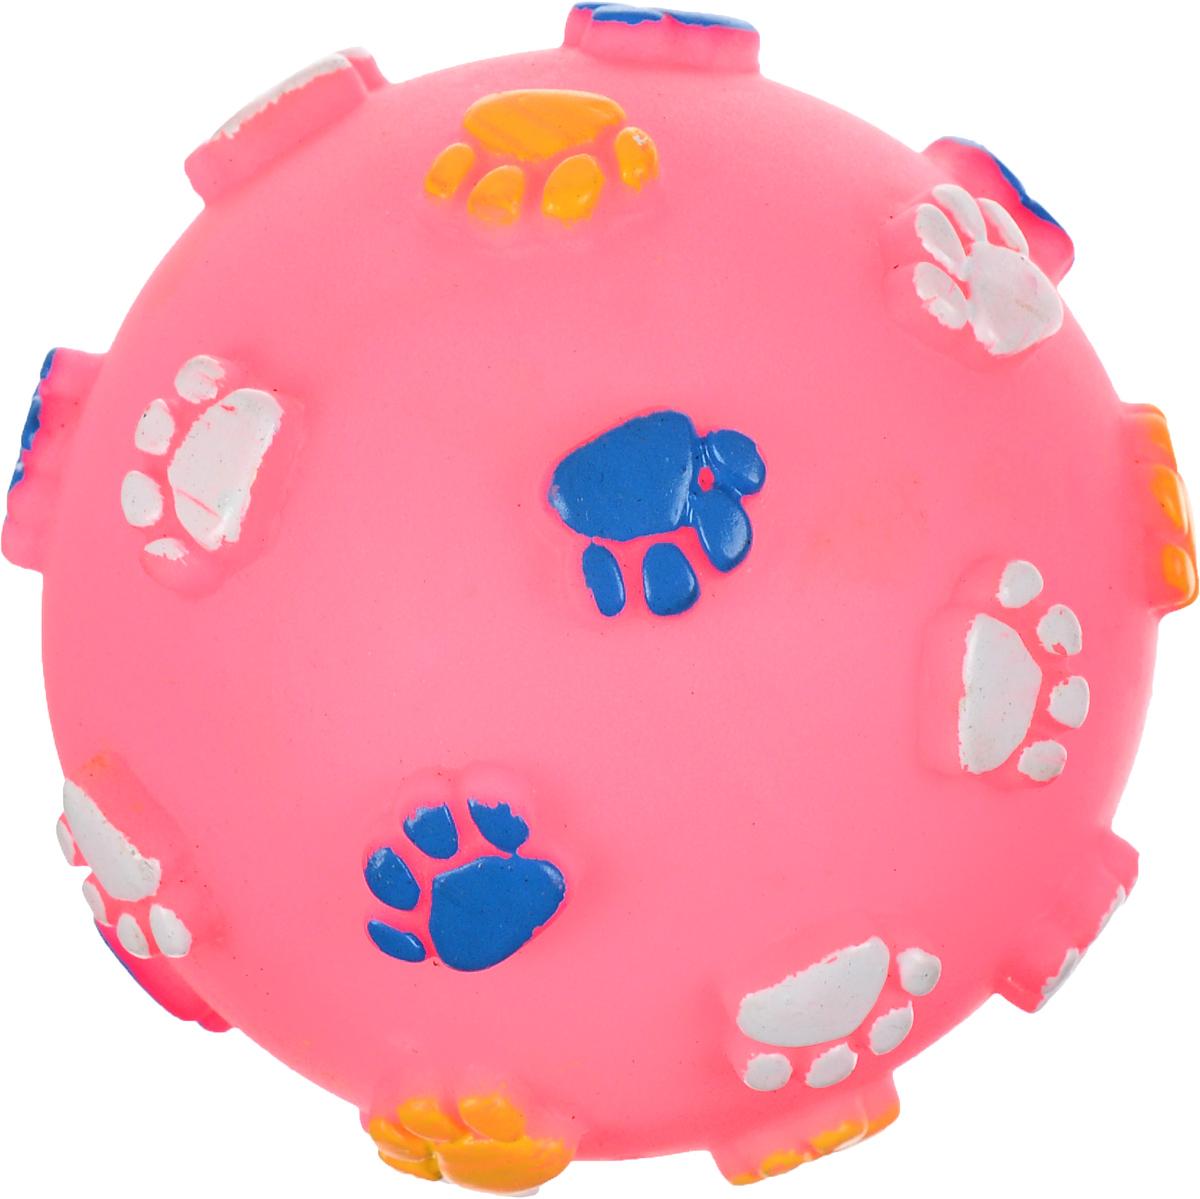 Игрушка для животных Каскад Мяч. Лапки, с пищалкой, цвет: розовый, синий, желтый, диаметр 9 см0120710Игрушка Каскад Мяч. Лапки изготовлена из прочной и долговечной резины, которая устойчива к разгрызанию. Необычная и забавная игрушка прекрасно подойдет для собак, любящих игрушки с пищалками. Диаметр: 9 см.